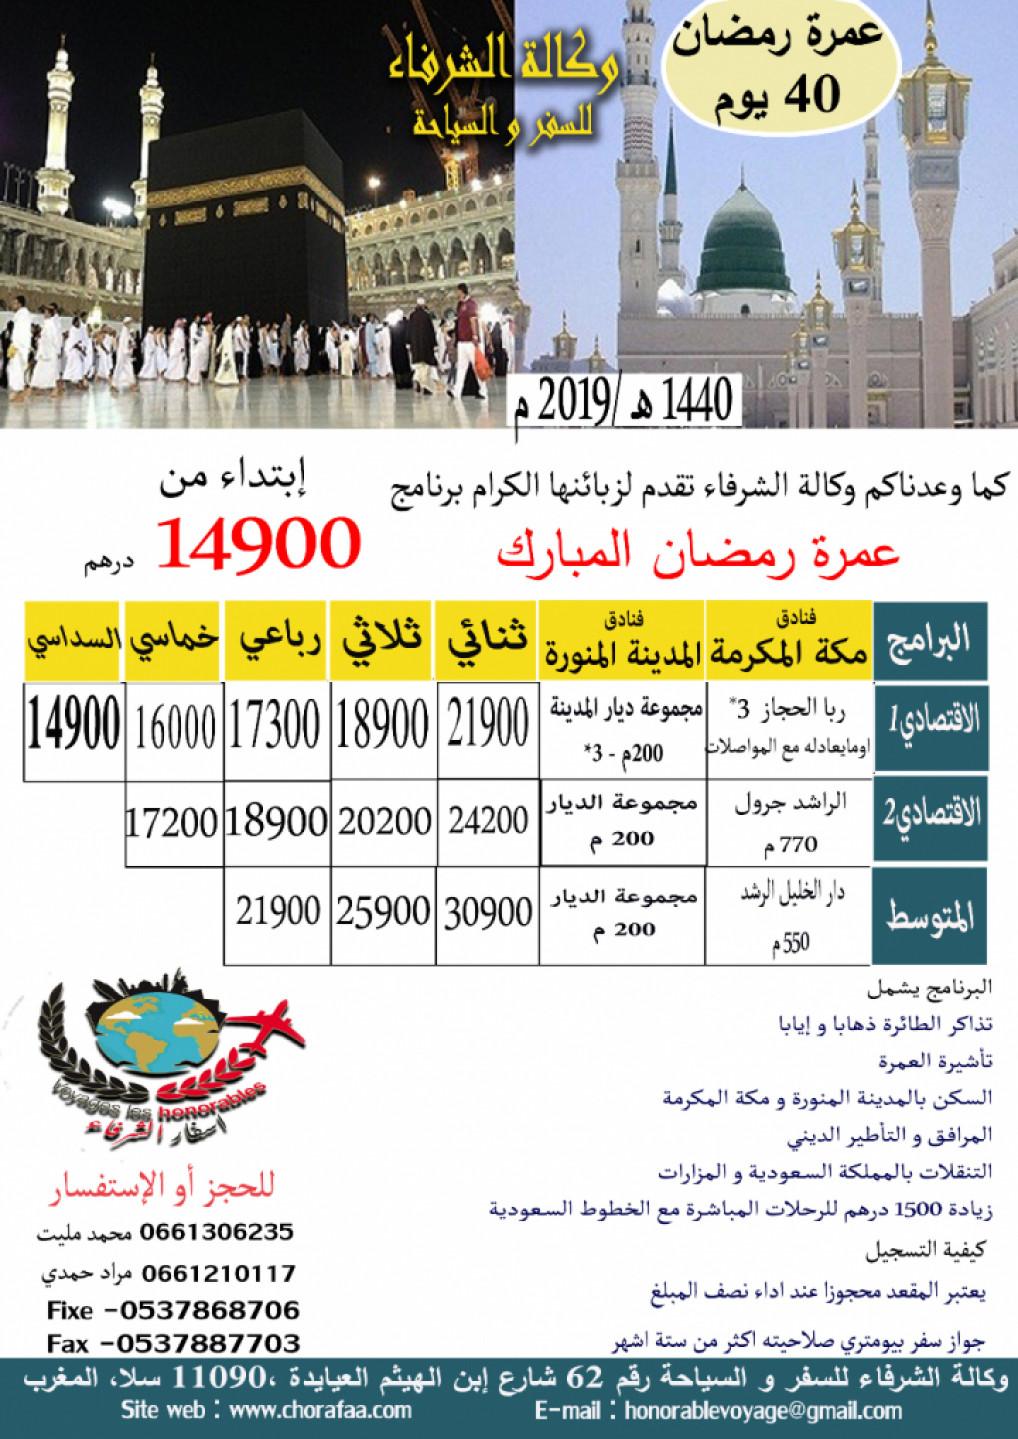 عمرة رمضان المبارك 1440ه 2019م 5 May 2019